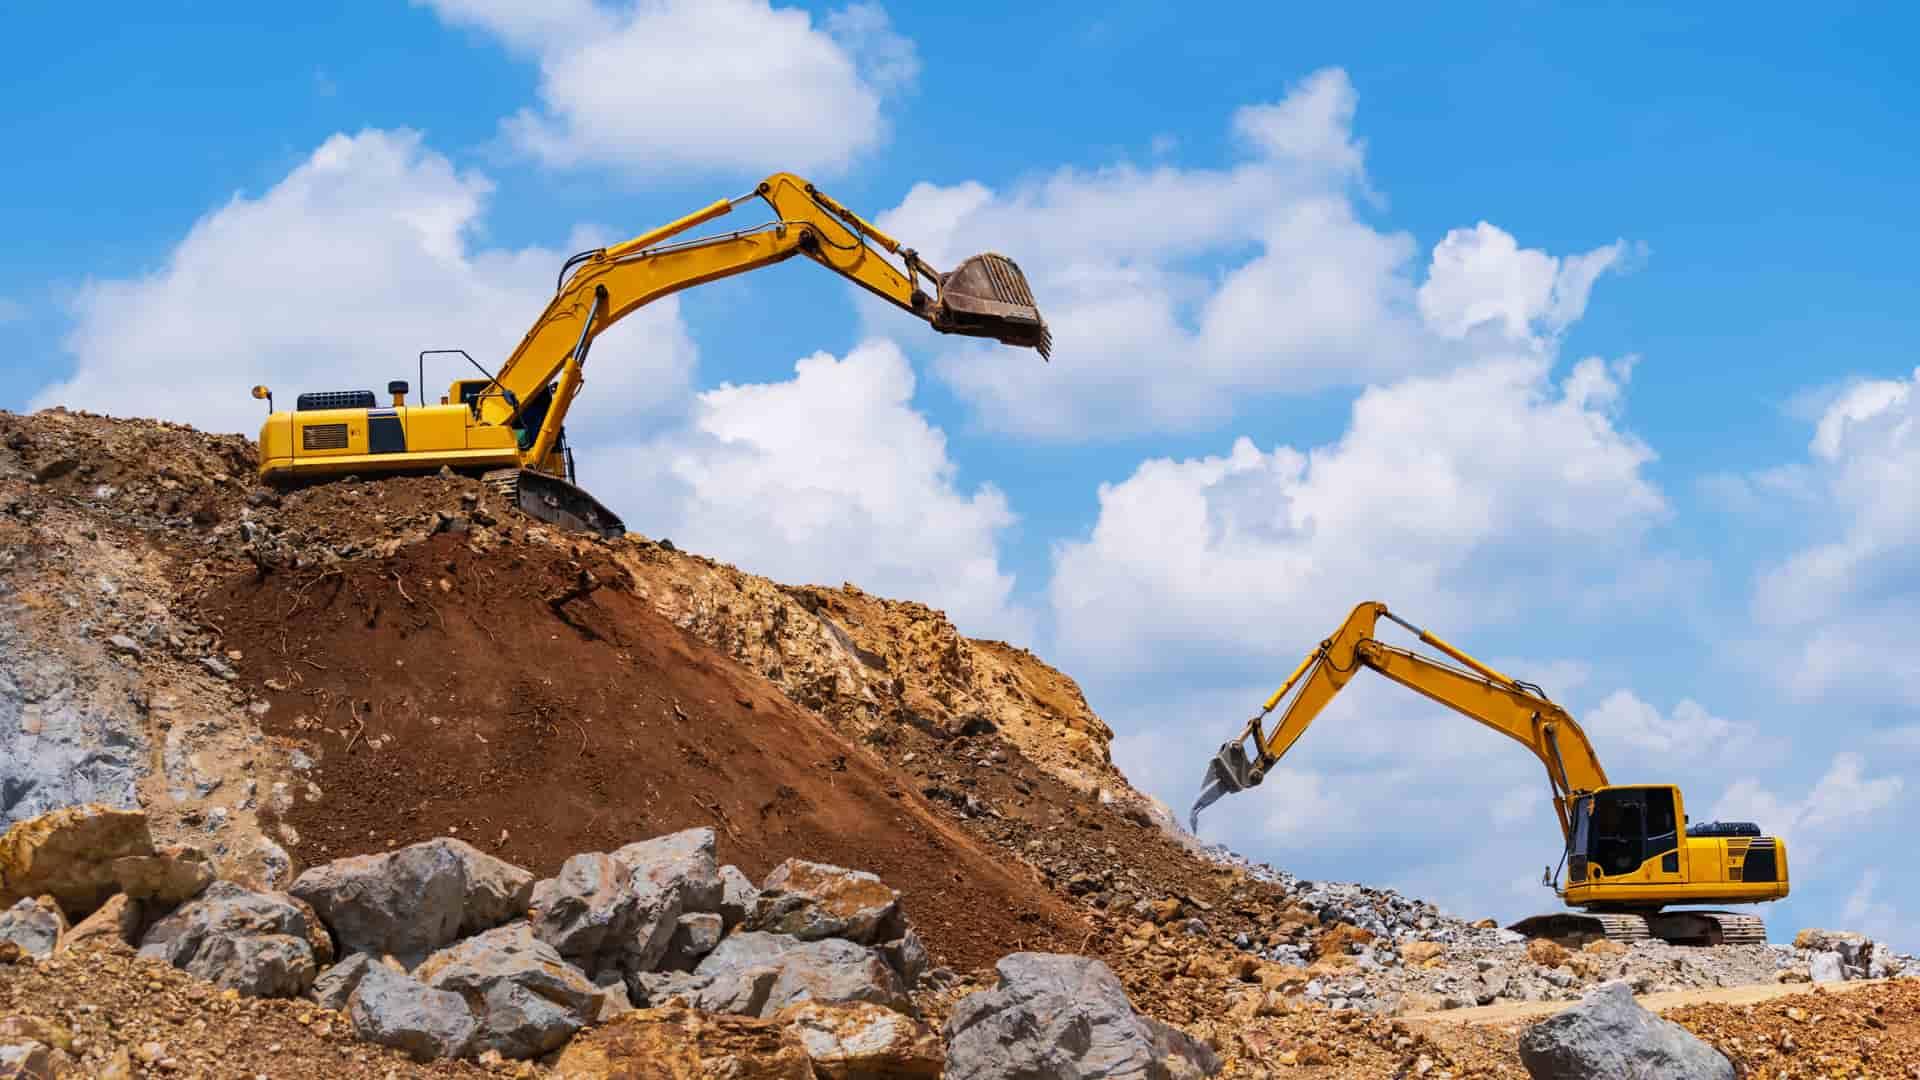 ¿Qué tipos de maquinaria de construcción se pueden comprar o alquilar?